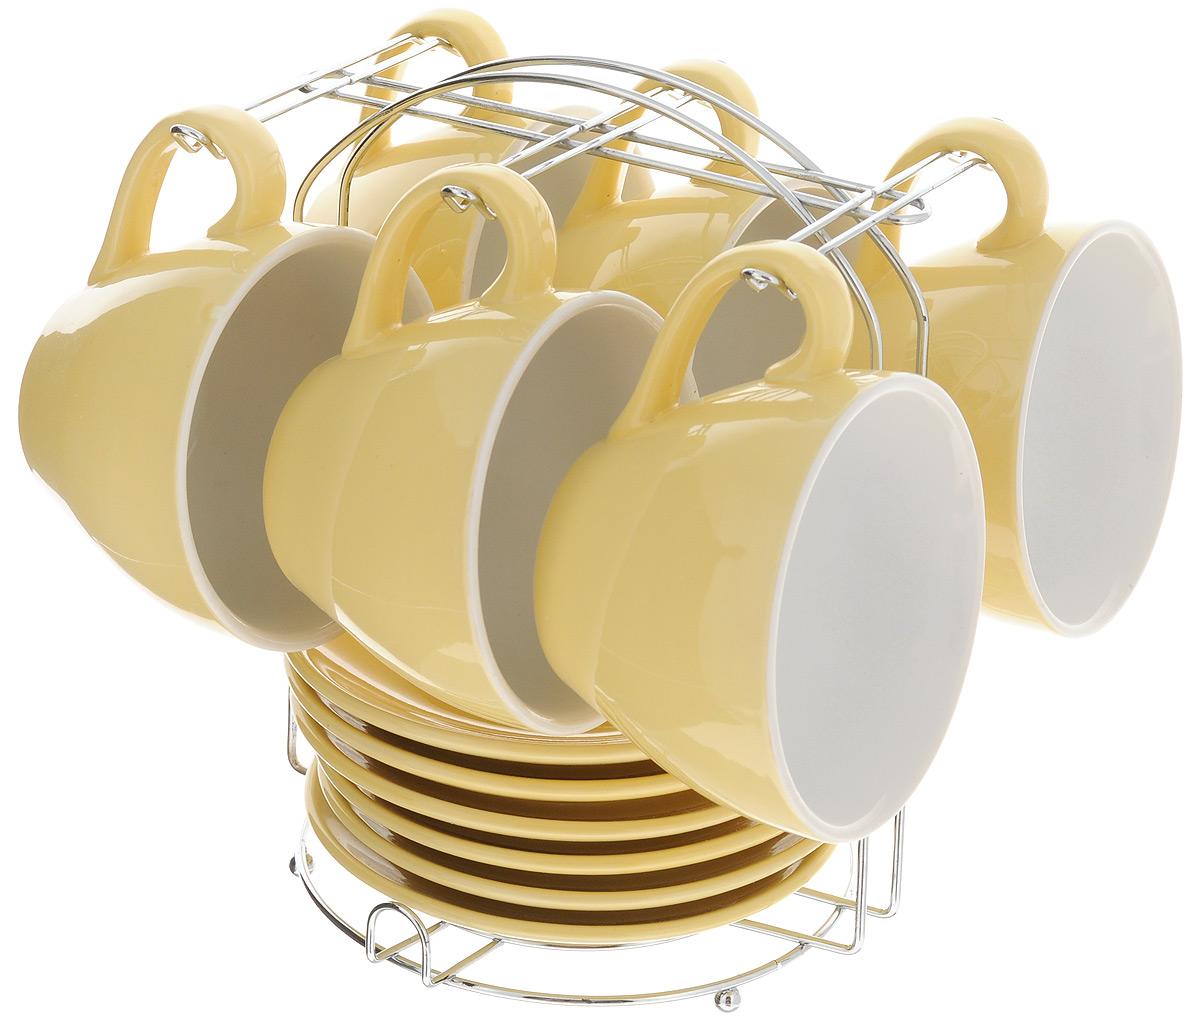 Набор чайный Loraine, на подставке, 13 предметов. 24862115610Набор Loraine состоит из шести чашек и шести блюдец, изготовленных из высококачественной керамики. Для компактного хранения изделий предусмотрена металлическая подставка. Такой набор идеально подойдет для подачи чая или кофе.Лаконичный дизайн придется по вкусу и ценителям классики, и тем, кто предпочитает утонченность и изысканность. Он настроит на позитивный лад и подарит хорошее настроение с самого утра. Чайный набор Loraine станет отличным подаркомдля вашего дома и для ваших друзей в праздники.Можно использовать в микроволновой печи, также мыть в посудомоечной машине. Объем чашки: 250 мл. Диаметр чашки (по верхнему краю): 10 см. Высота чашки: 7 см. Диаметр блюдца: 13,7 см. Высота блюдца: 1,8 см.Размер подставки: 17 х 16 х 21 см.